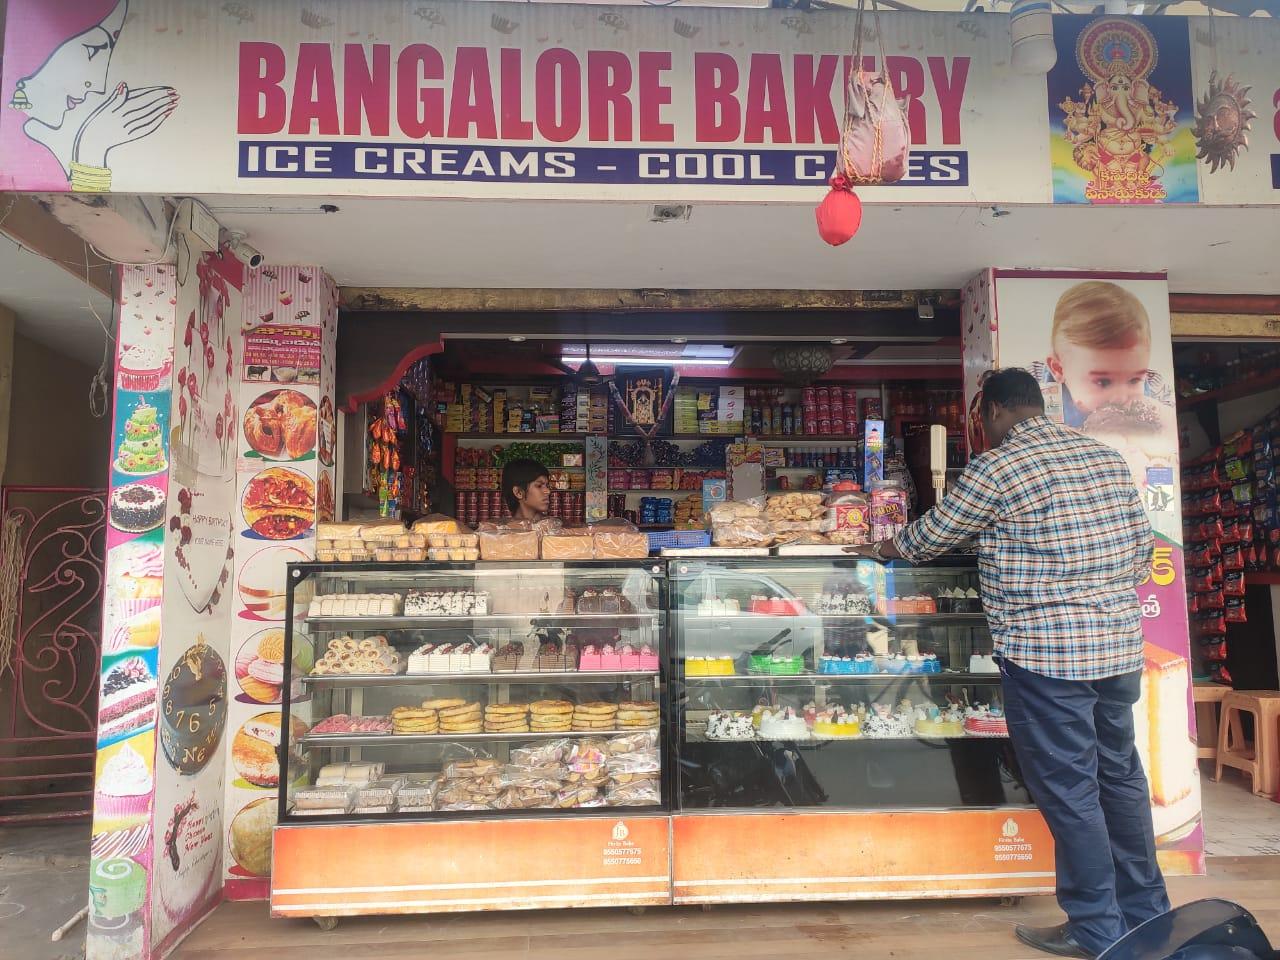 BANGALORE BAKERY